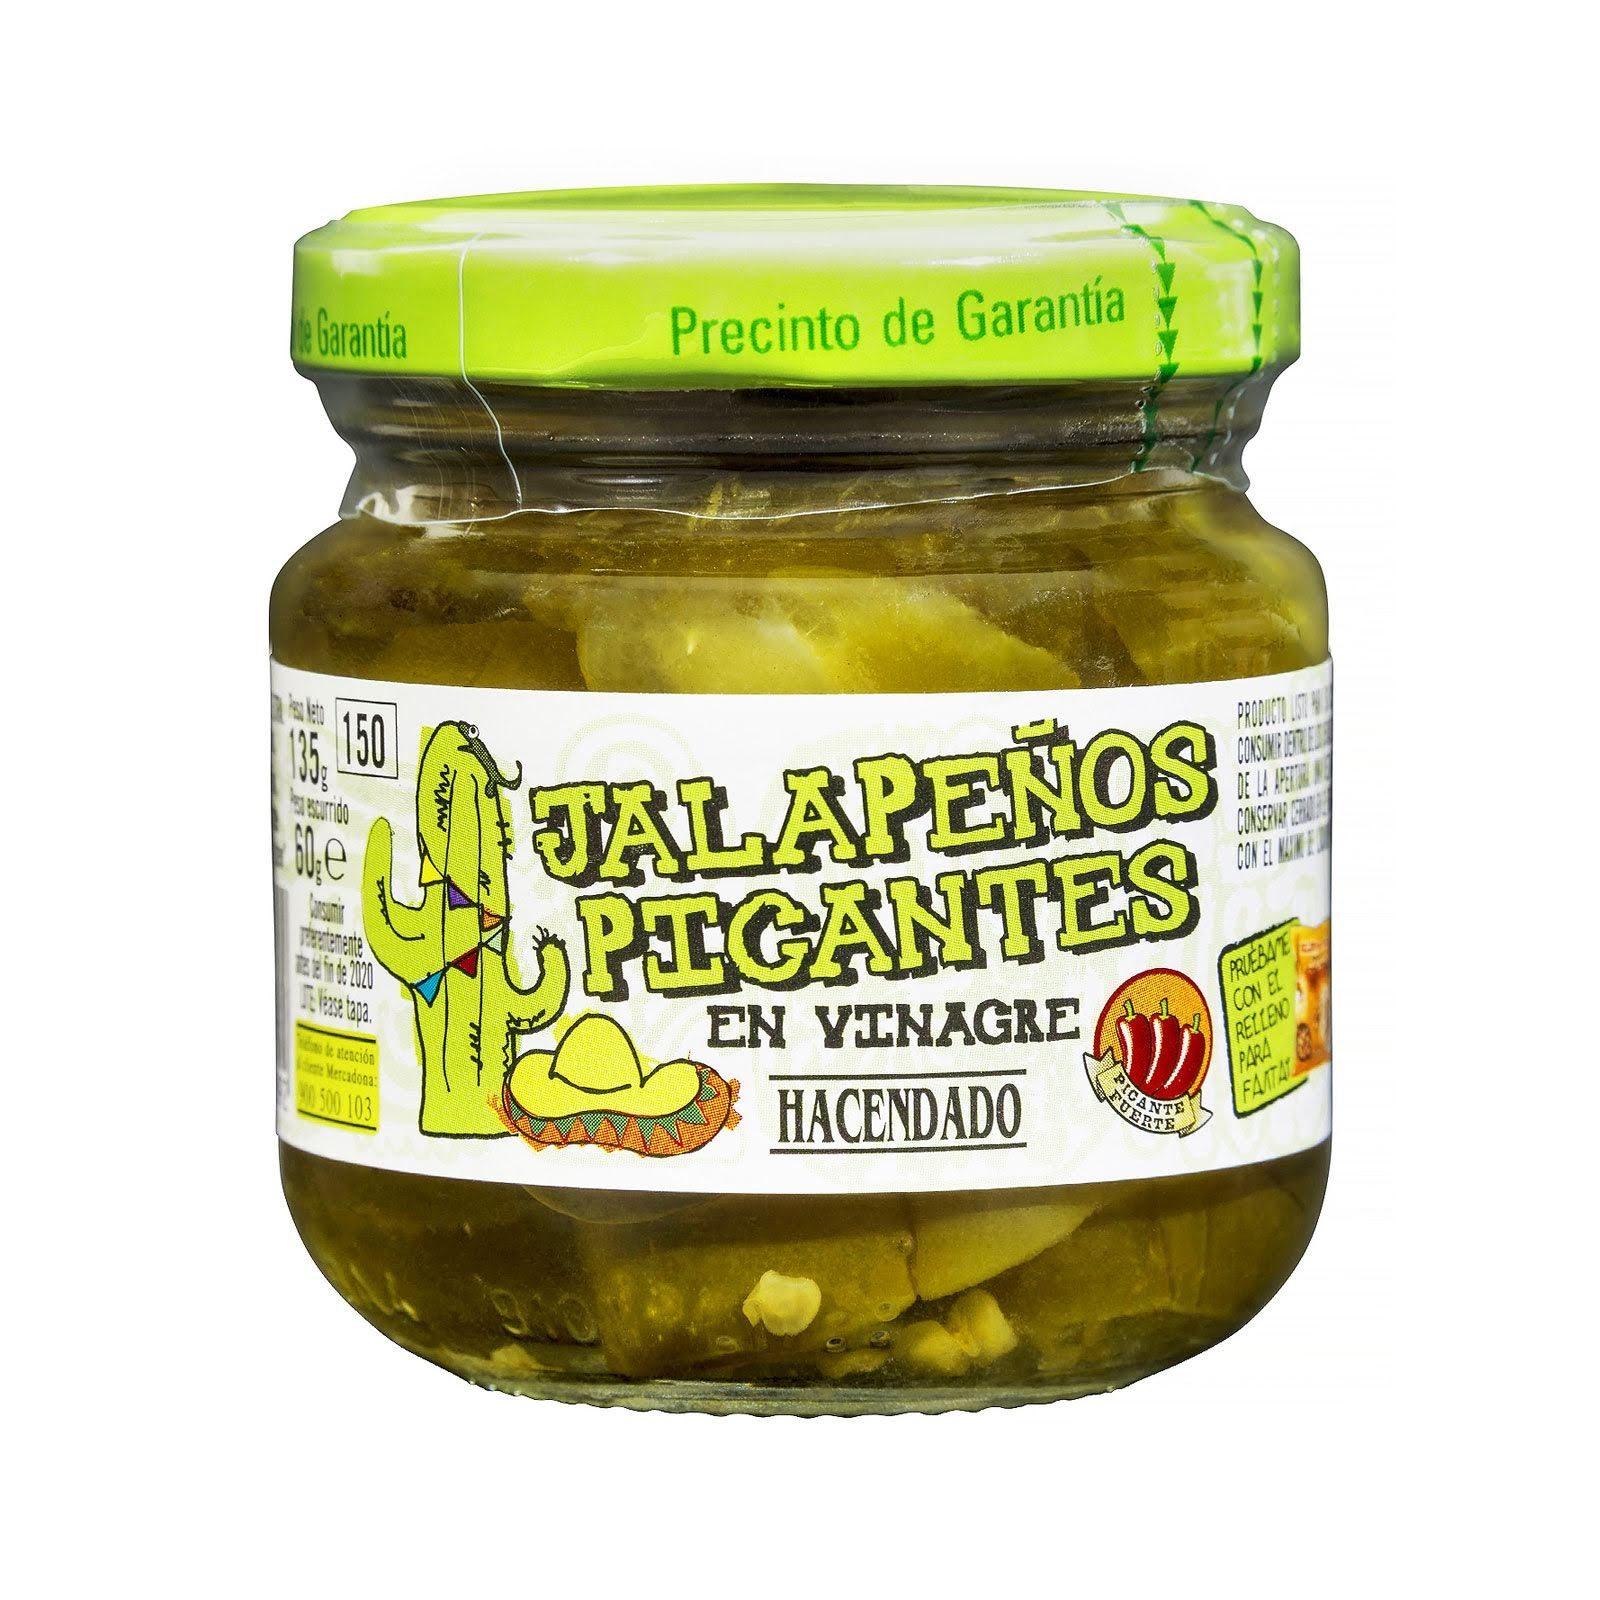 jalapenos-picantes-en-vinagre-hacendado-mercadona-1-3138078